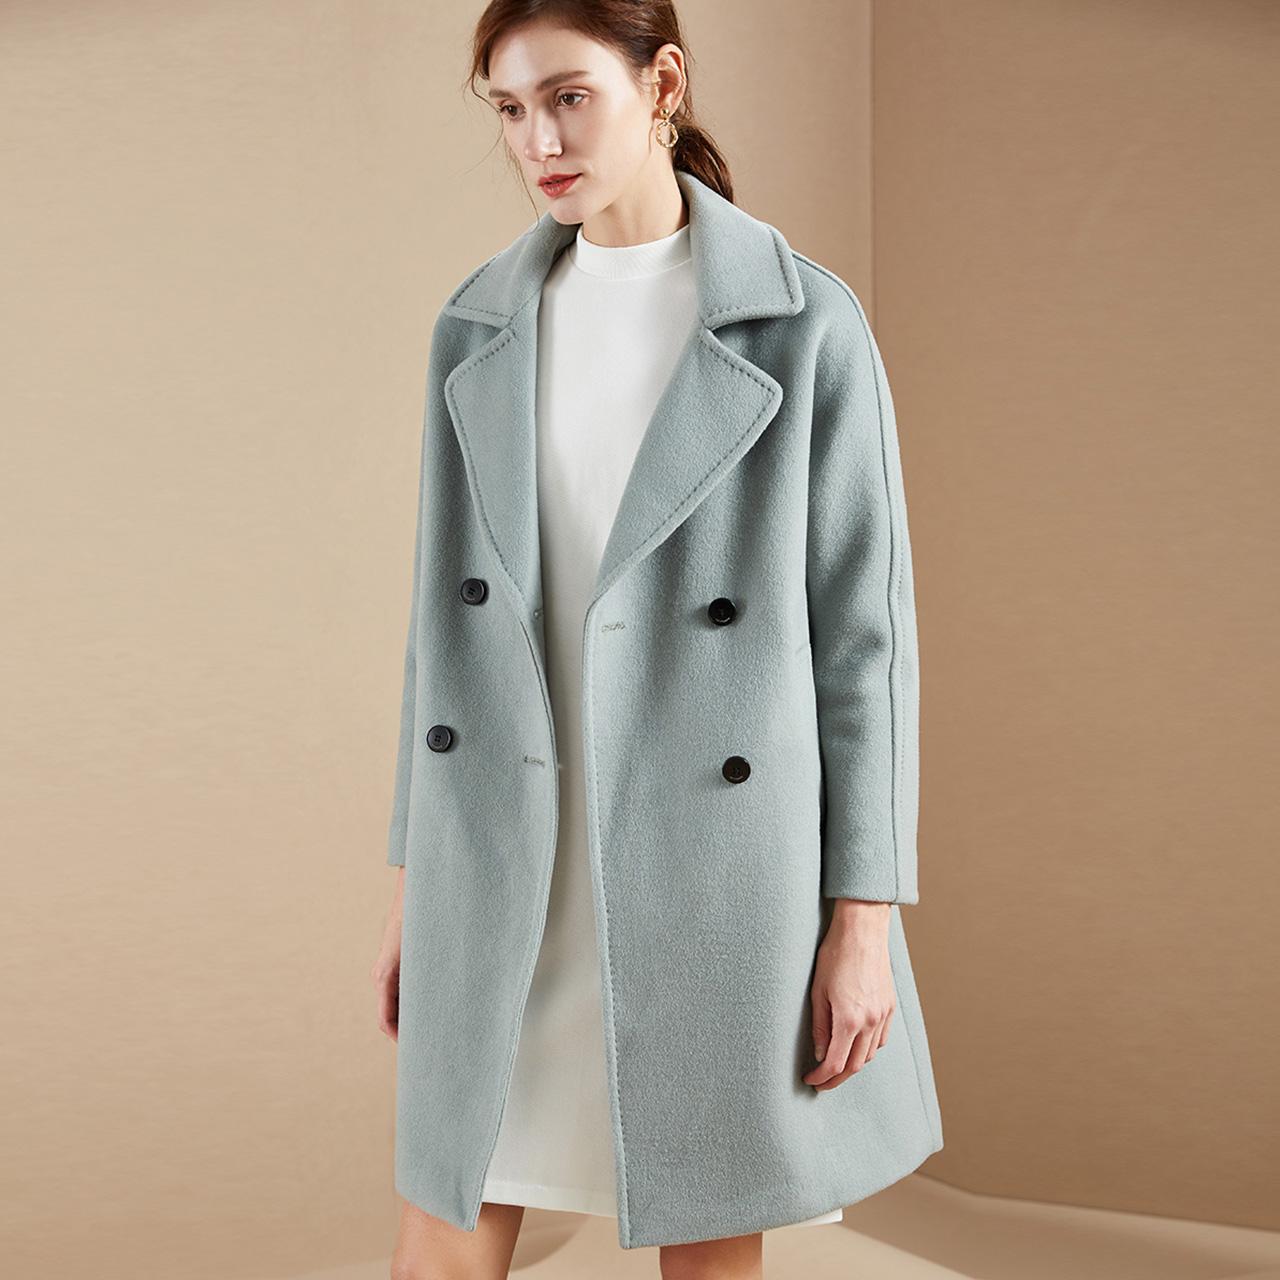 反季特价 拉夏贝尔 女式中长款羊毛呢大衣外套 天猫优惠券折后¥179包邮(¥429-250)3色可选